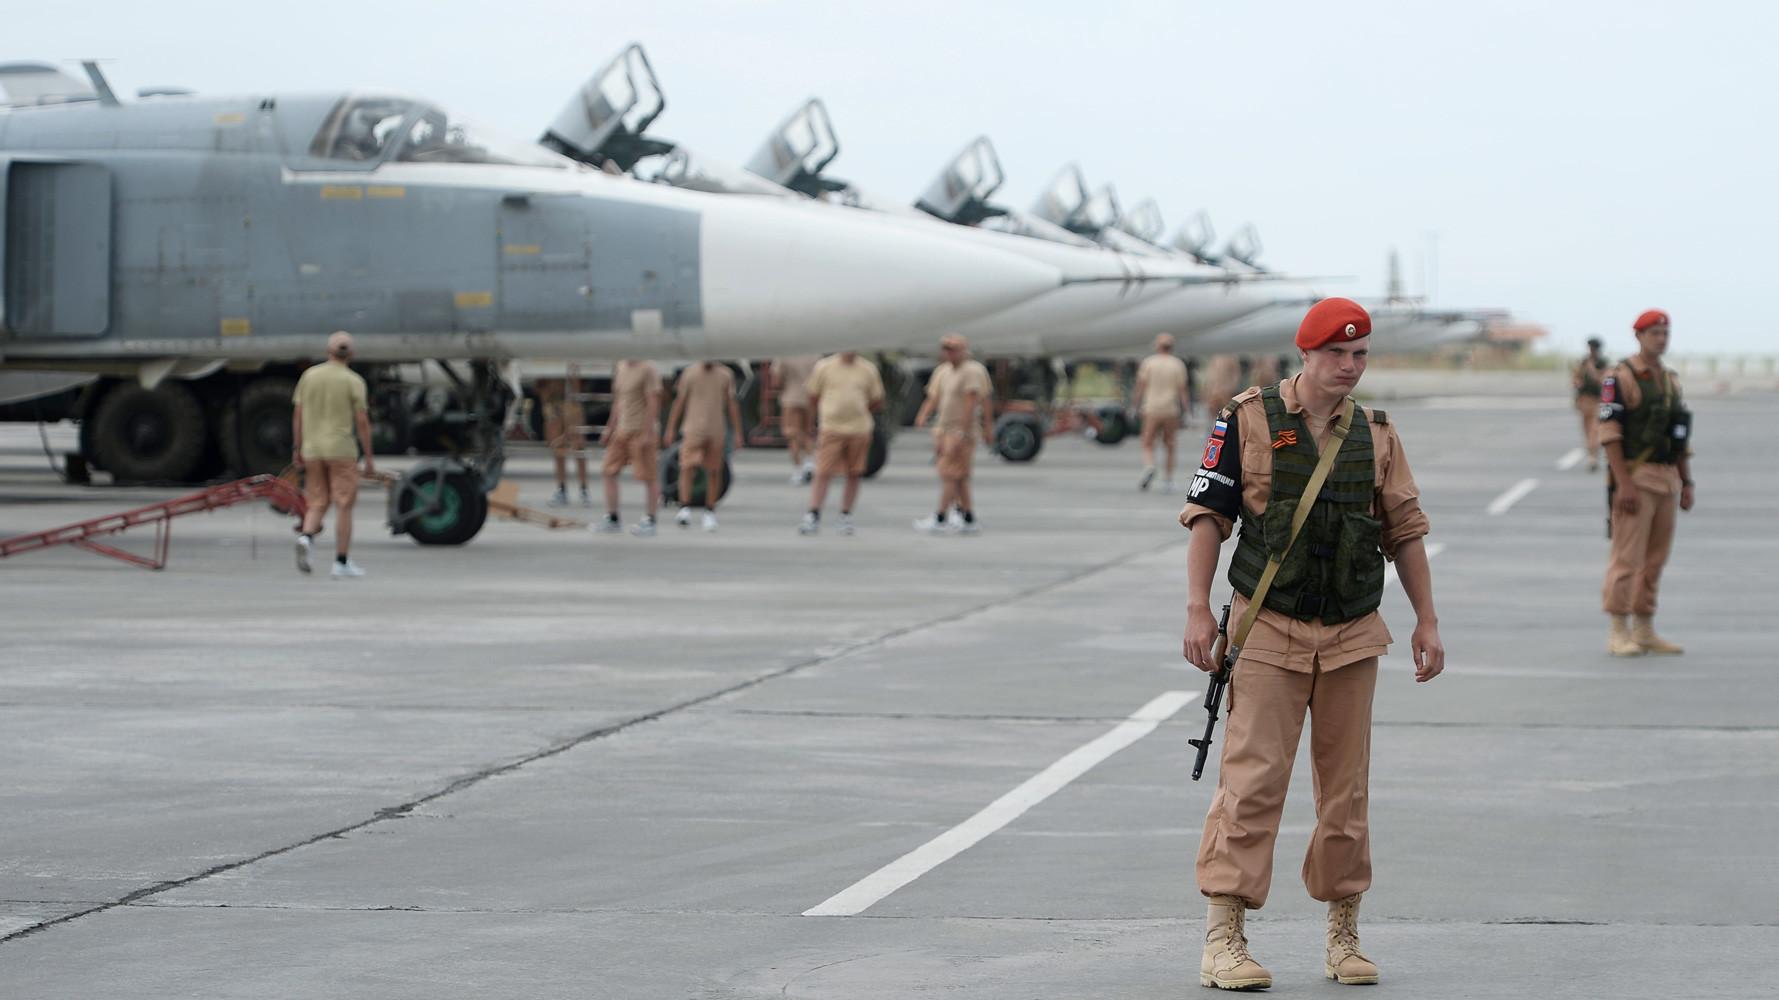 Россия вывела половину авиагруппы с сирийской базы Хмеймим